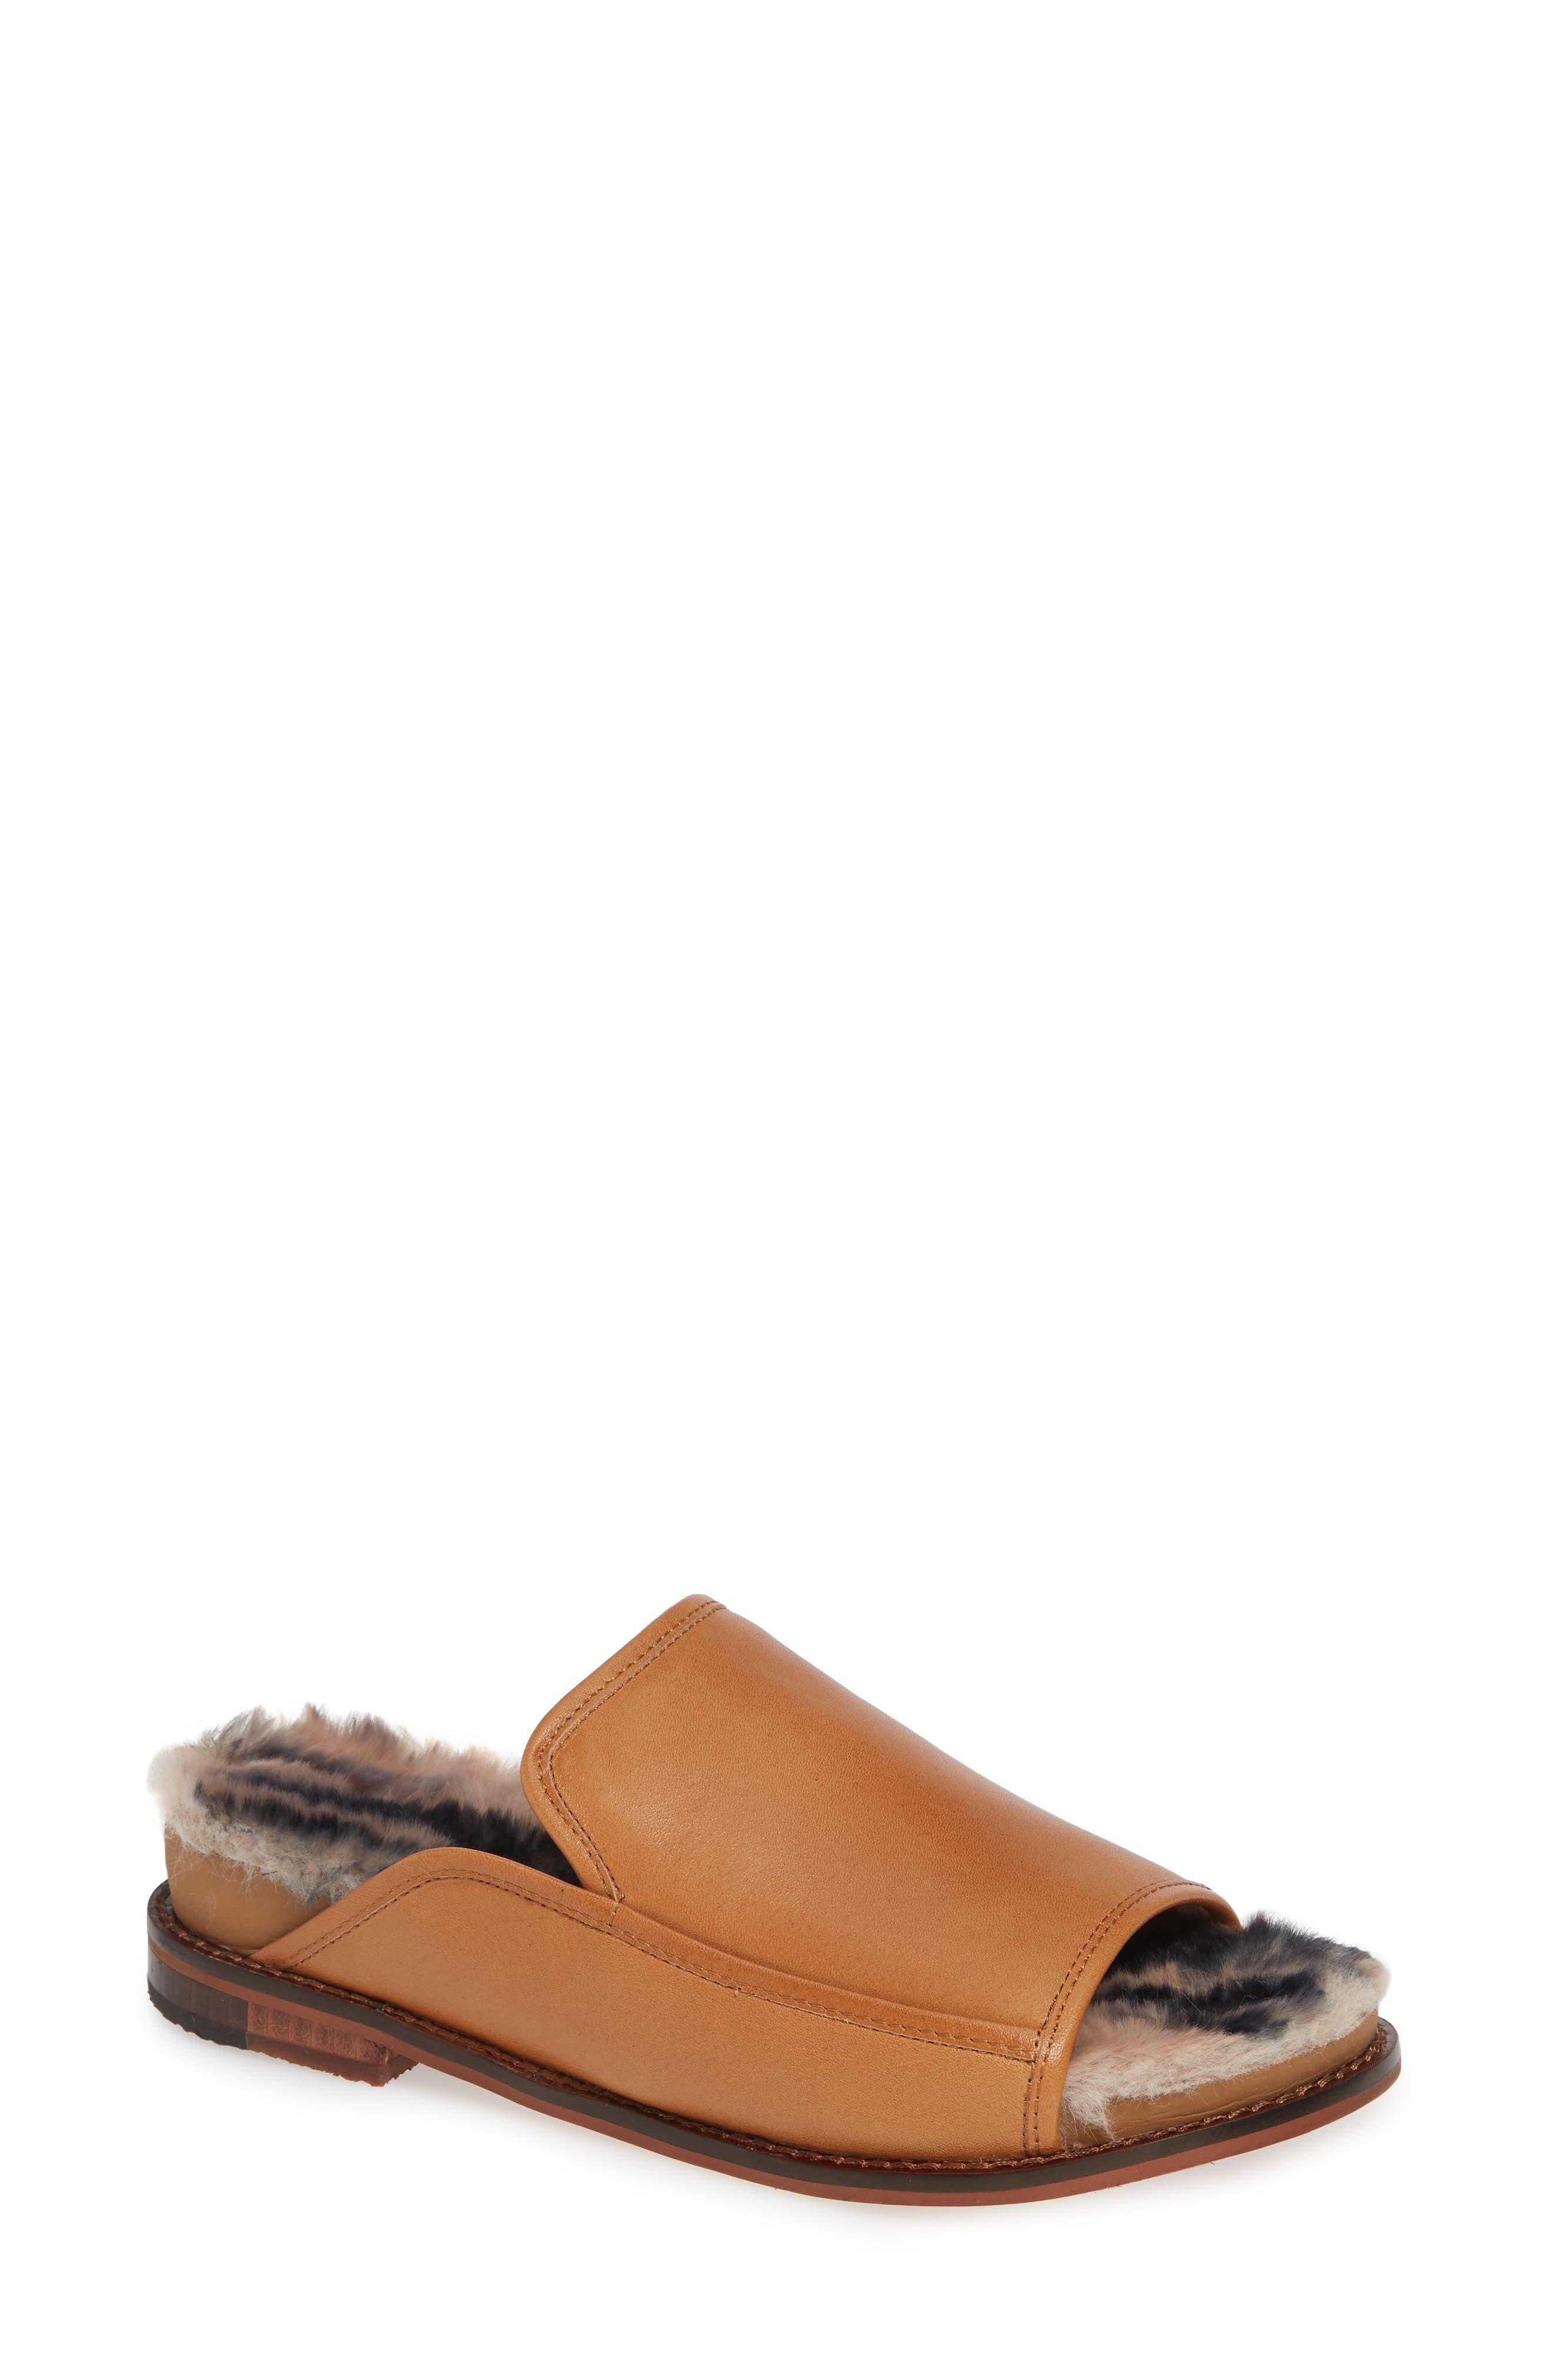 KELSI DAGGER BROOKLYN Odelle Slide Sandal, Main, color, SIENNA